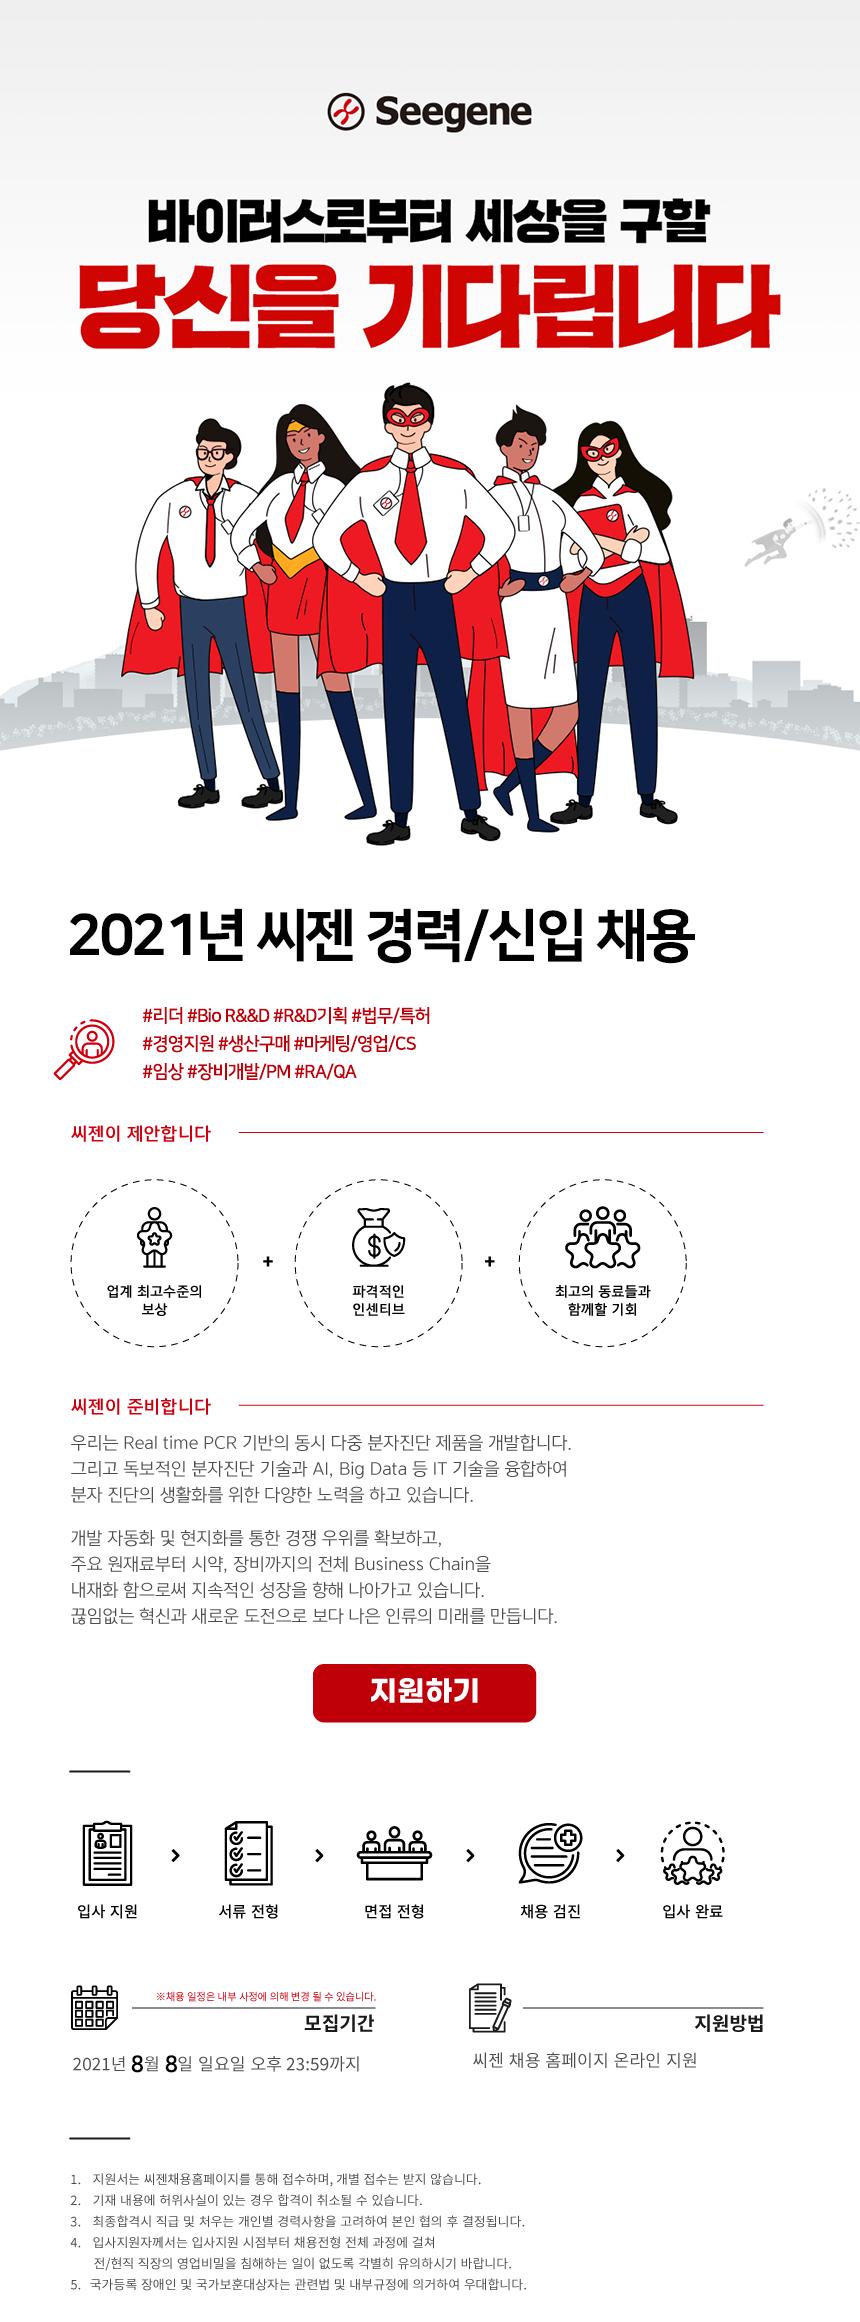 2021년 씨젠 경력/신입 채용